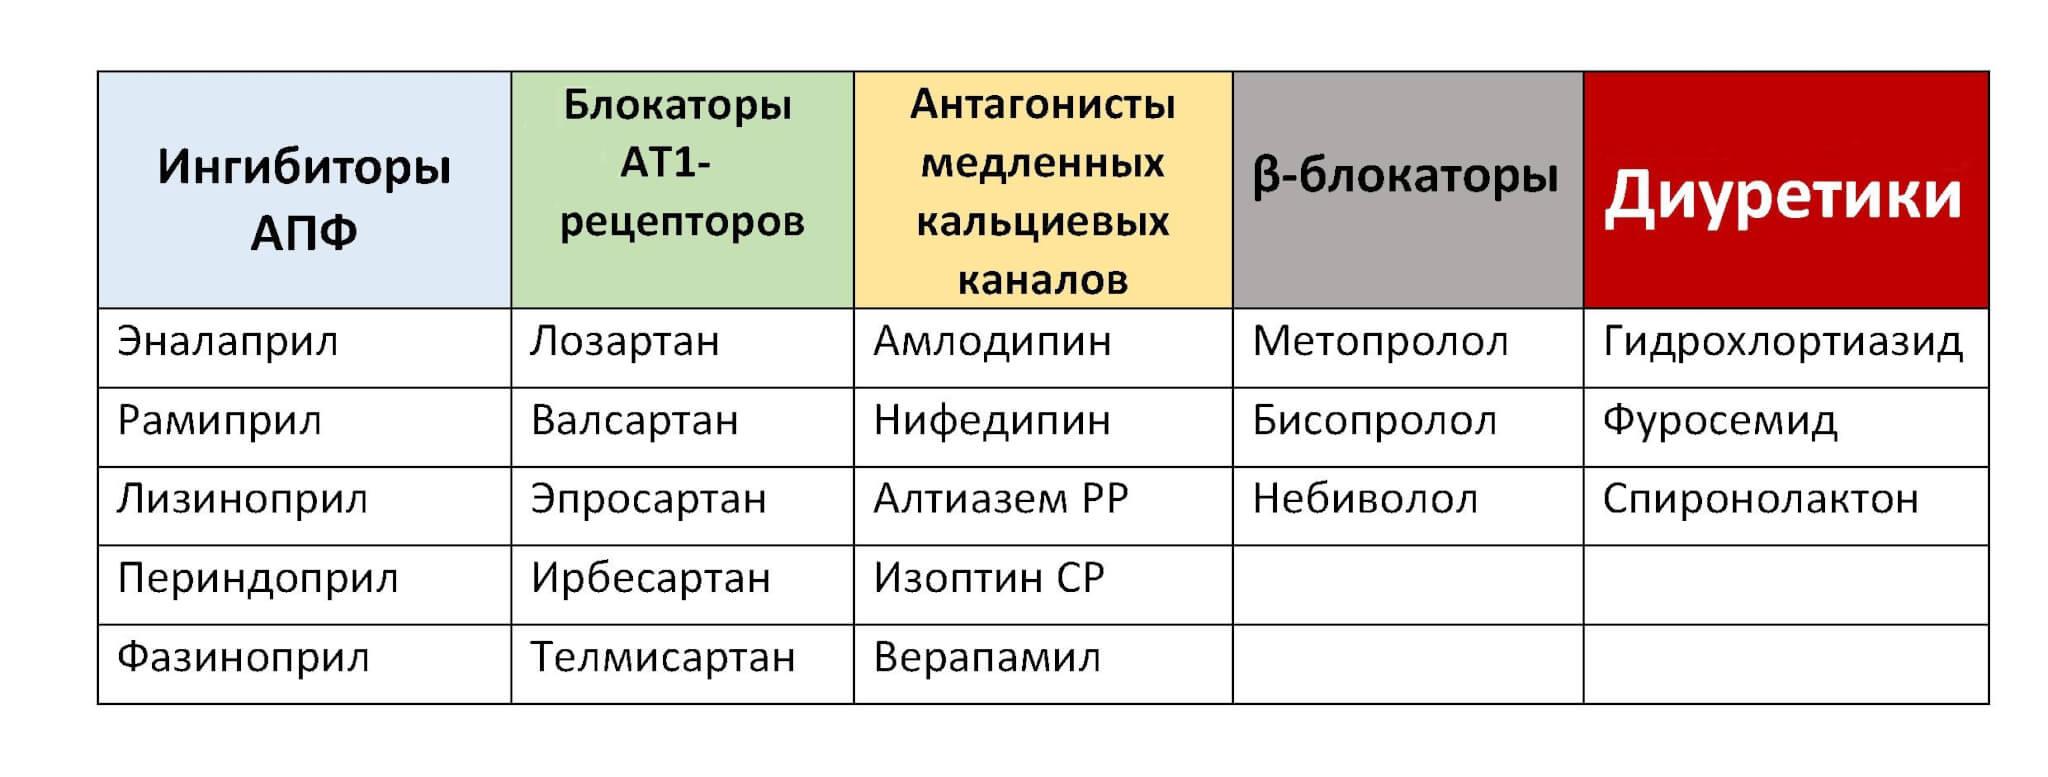 vaistai nuo hipertenzijos senatvėje)